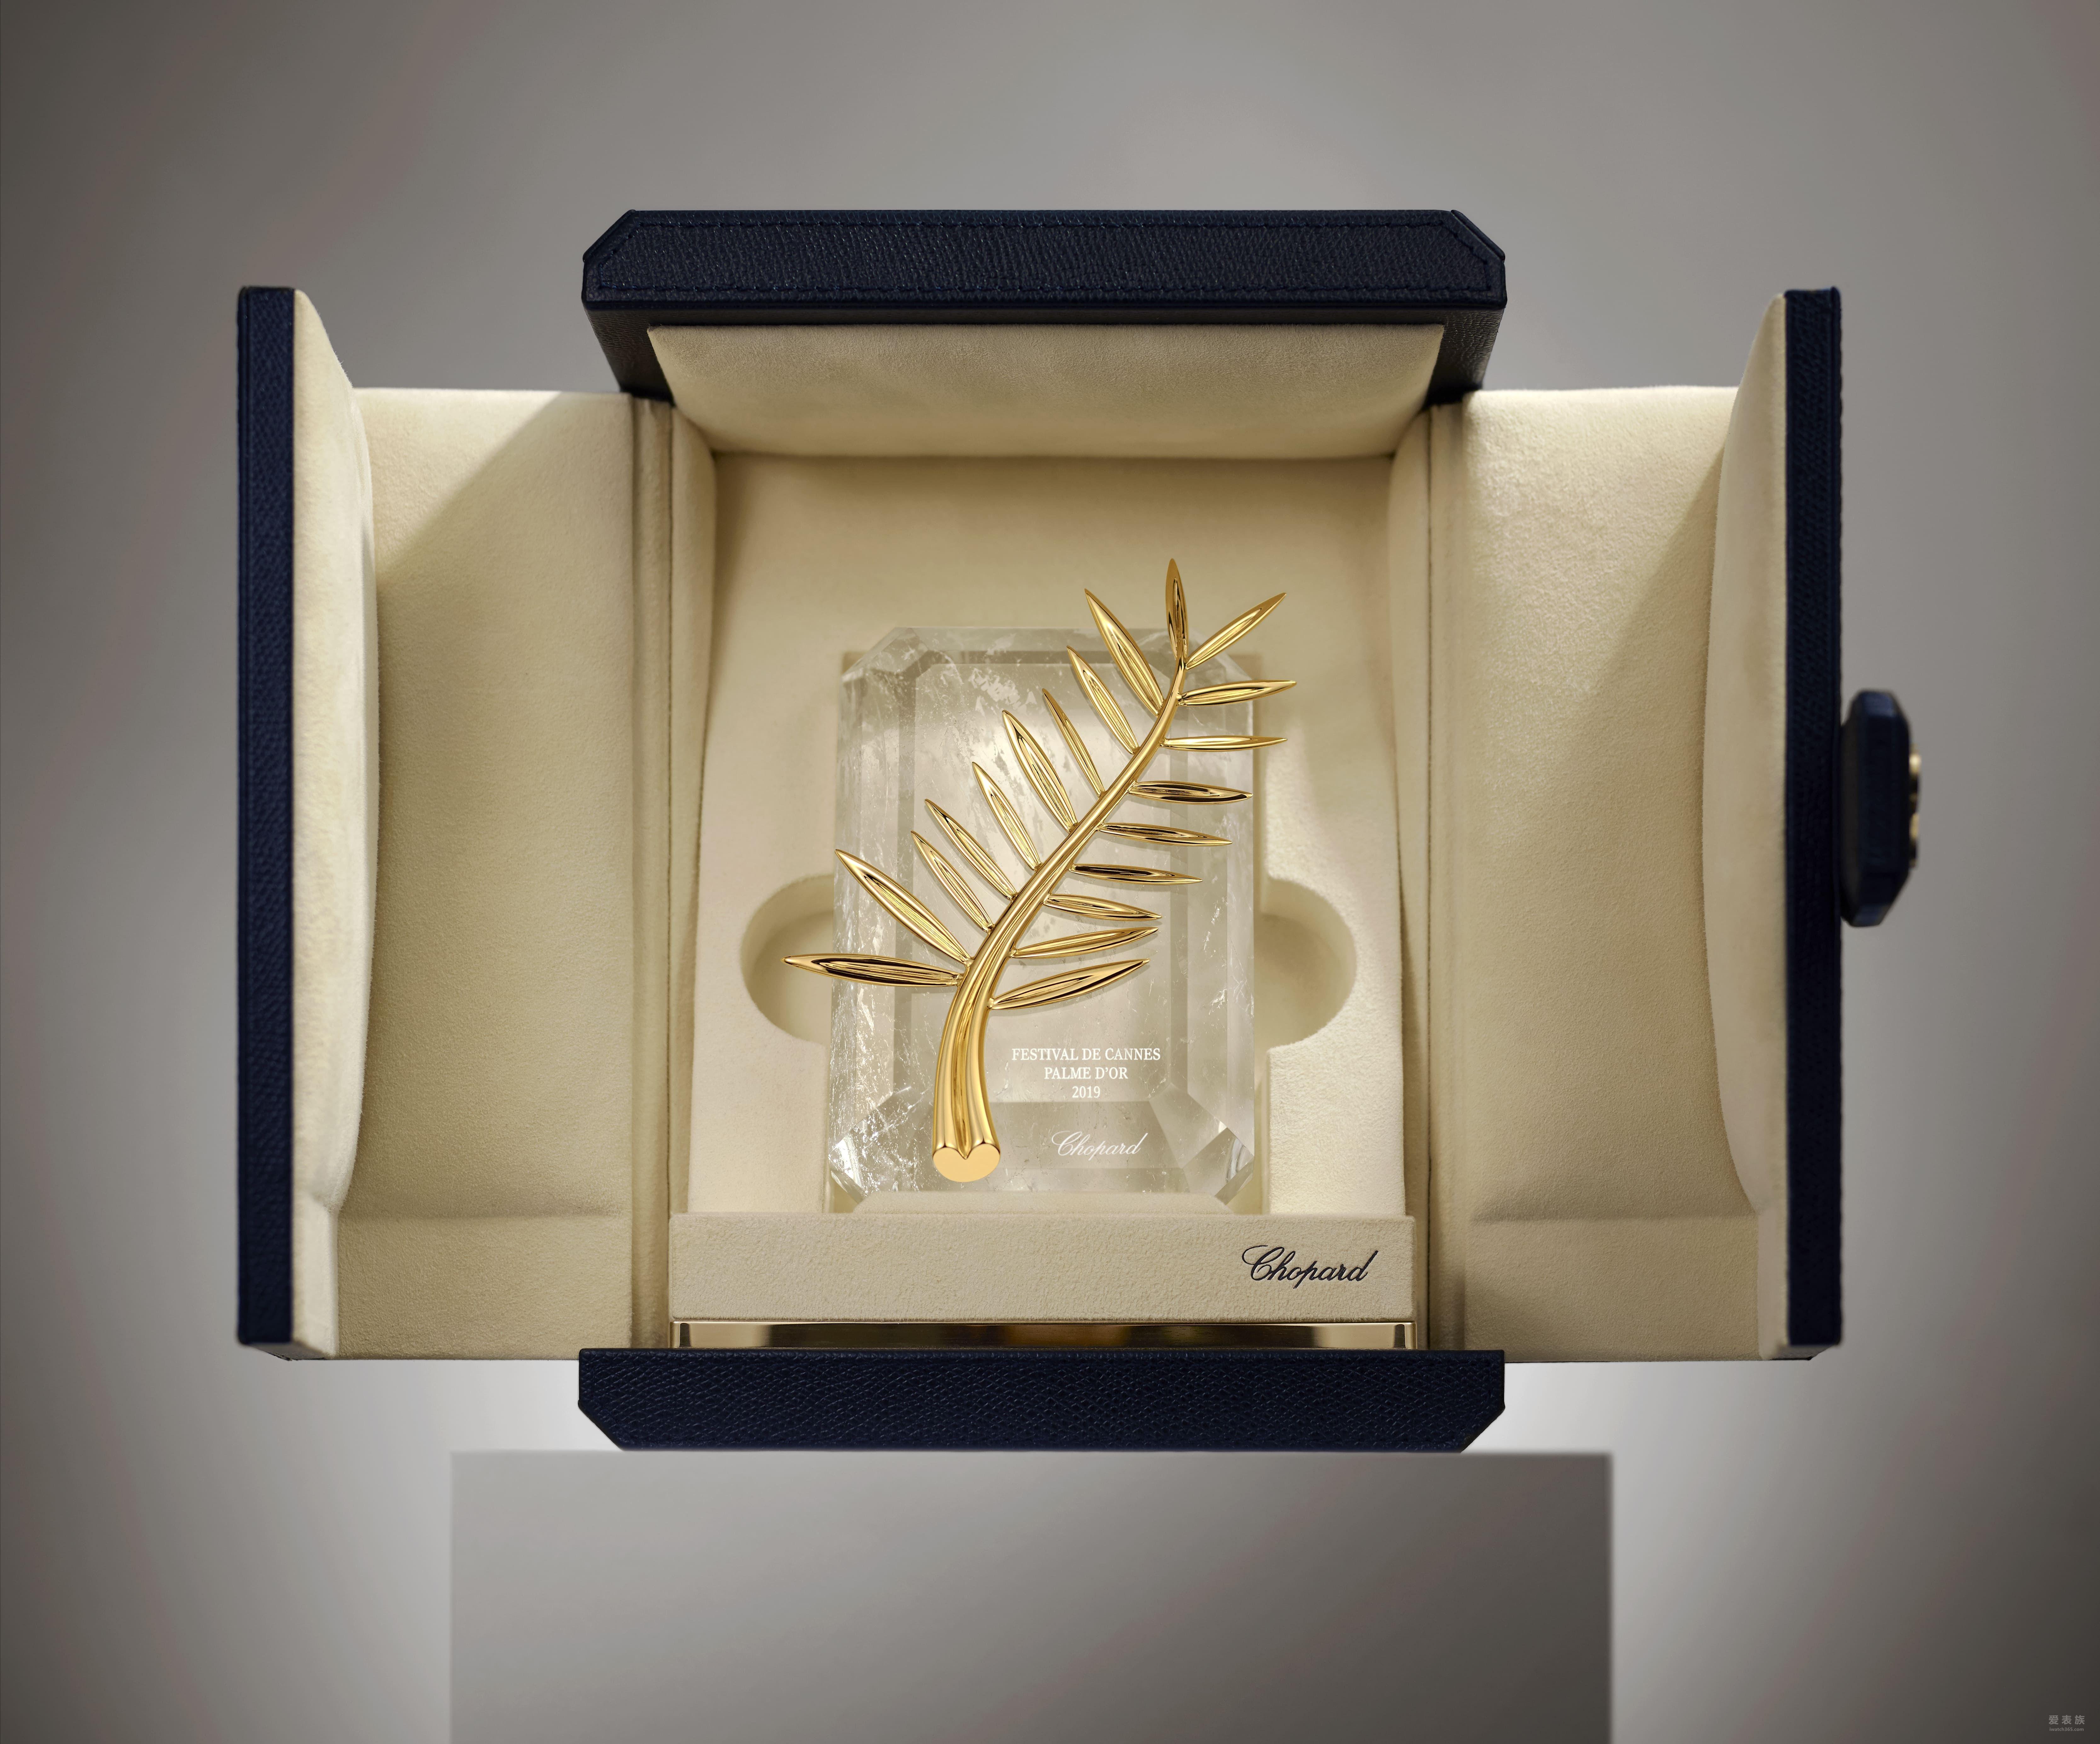 chopard萧邦悉心分娩电影界弥足珍贵的电影chopard萧邦与美国电影节打造的戛纳奖杯图片